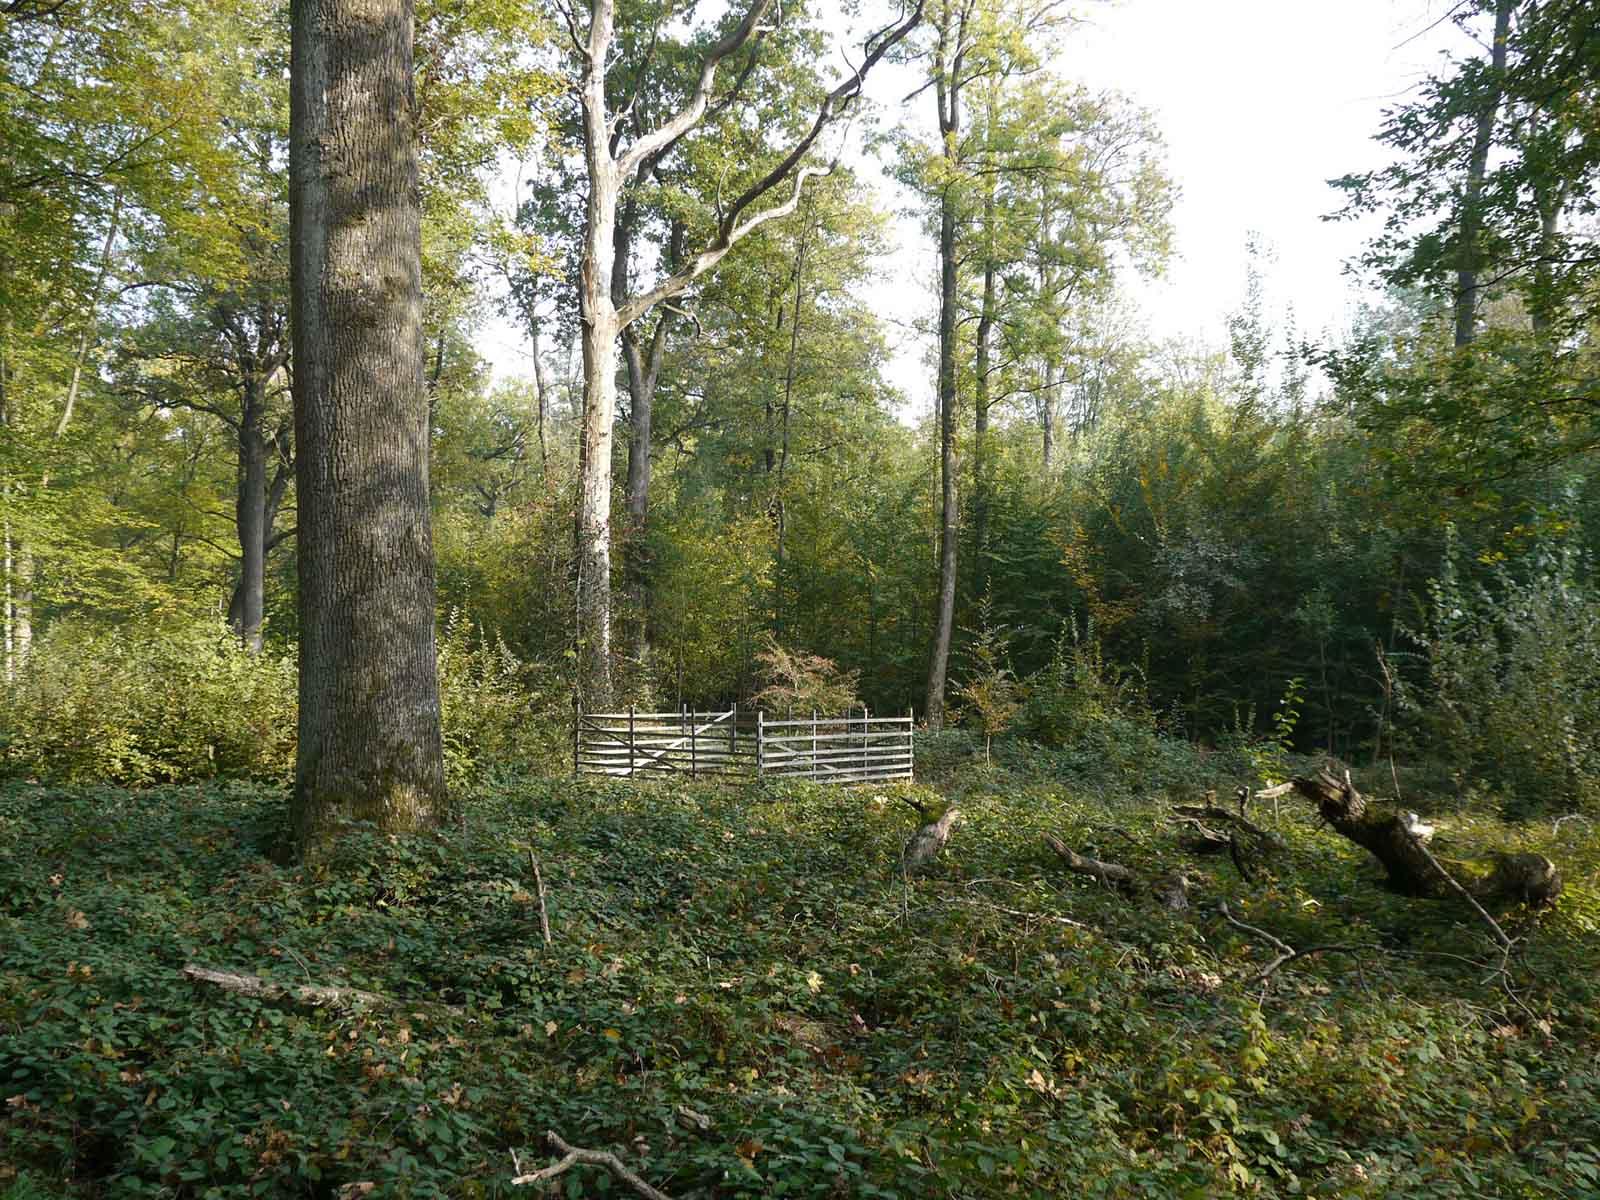 Rechts der Kappeliholzstrasse: Mittelwald heute, wie er auch seit dem 13. Jahrhundert bewirtschaftet wurde. Das «Oberholz», die grossen Bäume, lieferten das Bauholz, das Unterholz, die «Hauschicht» wurde 20 Jahre als «Stockschlag» zu Brennholz verarbeitet.